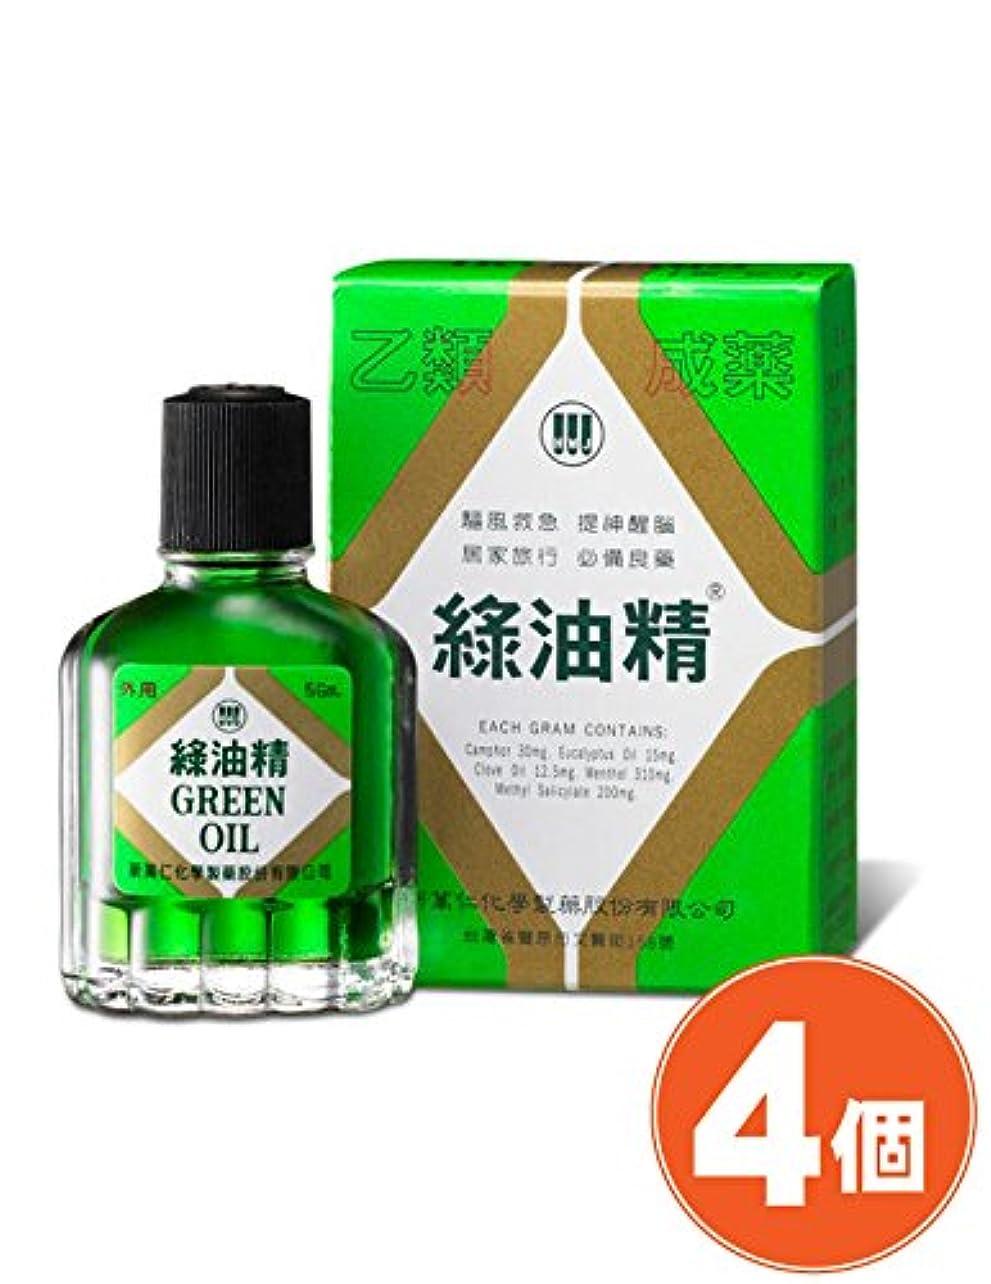 習字過敏な承知しました《新萬仁》台湾の万能グリーンオイル 緑油精 5g ×4個 《台湾 お土産》 [並行輸入品]